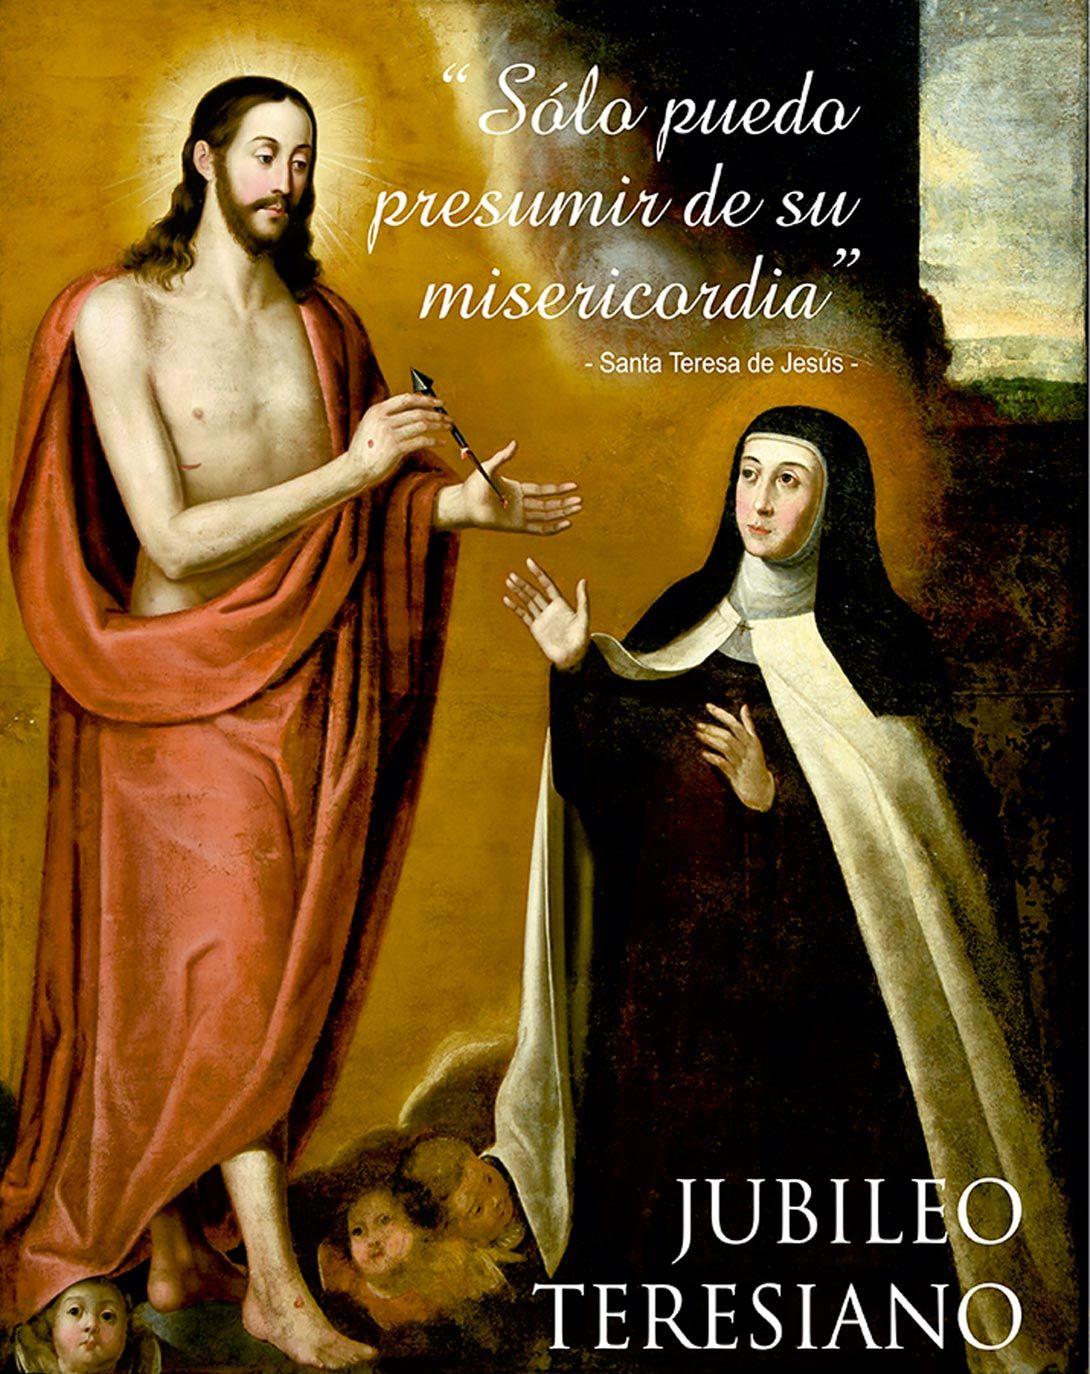 Fiesta y Novena de Santa Teresa de Jesús